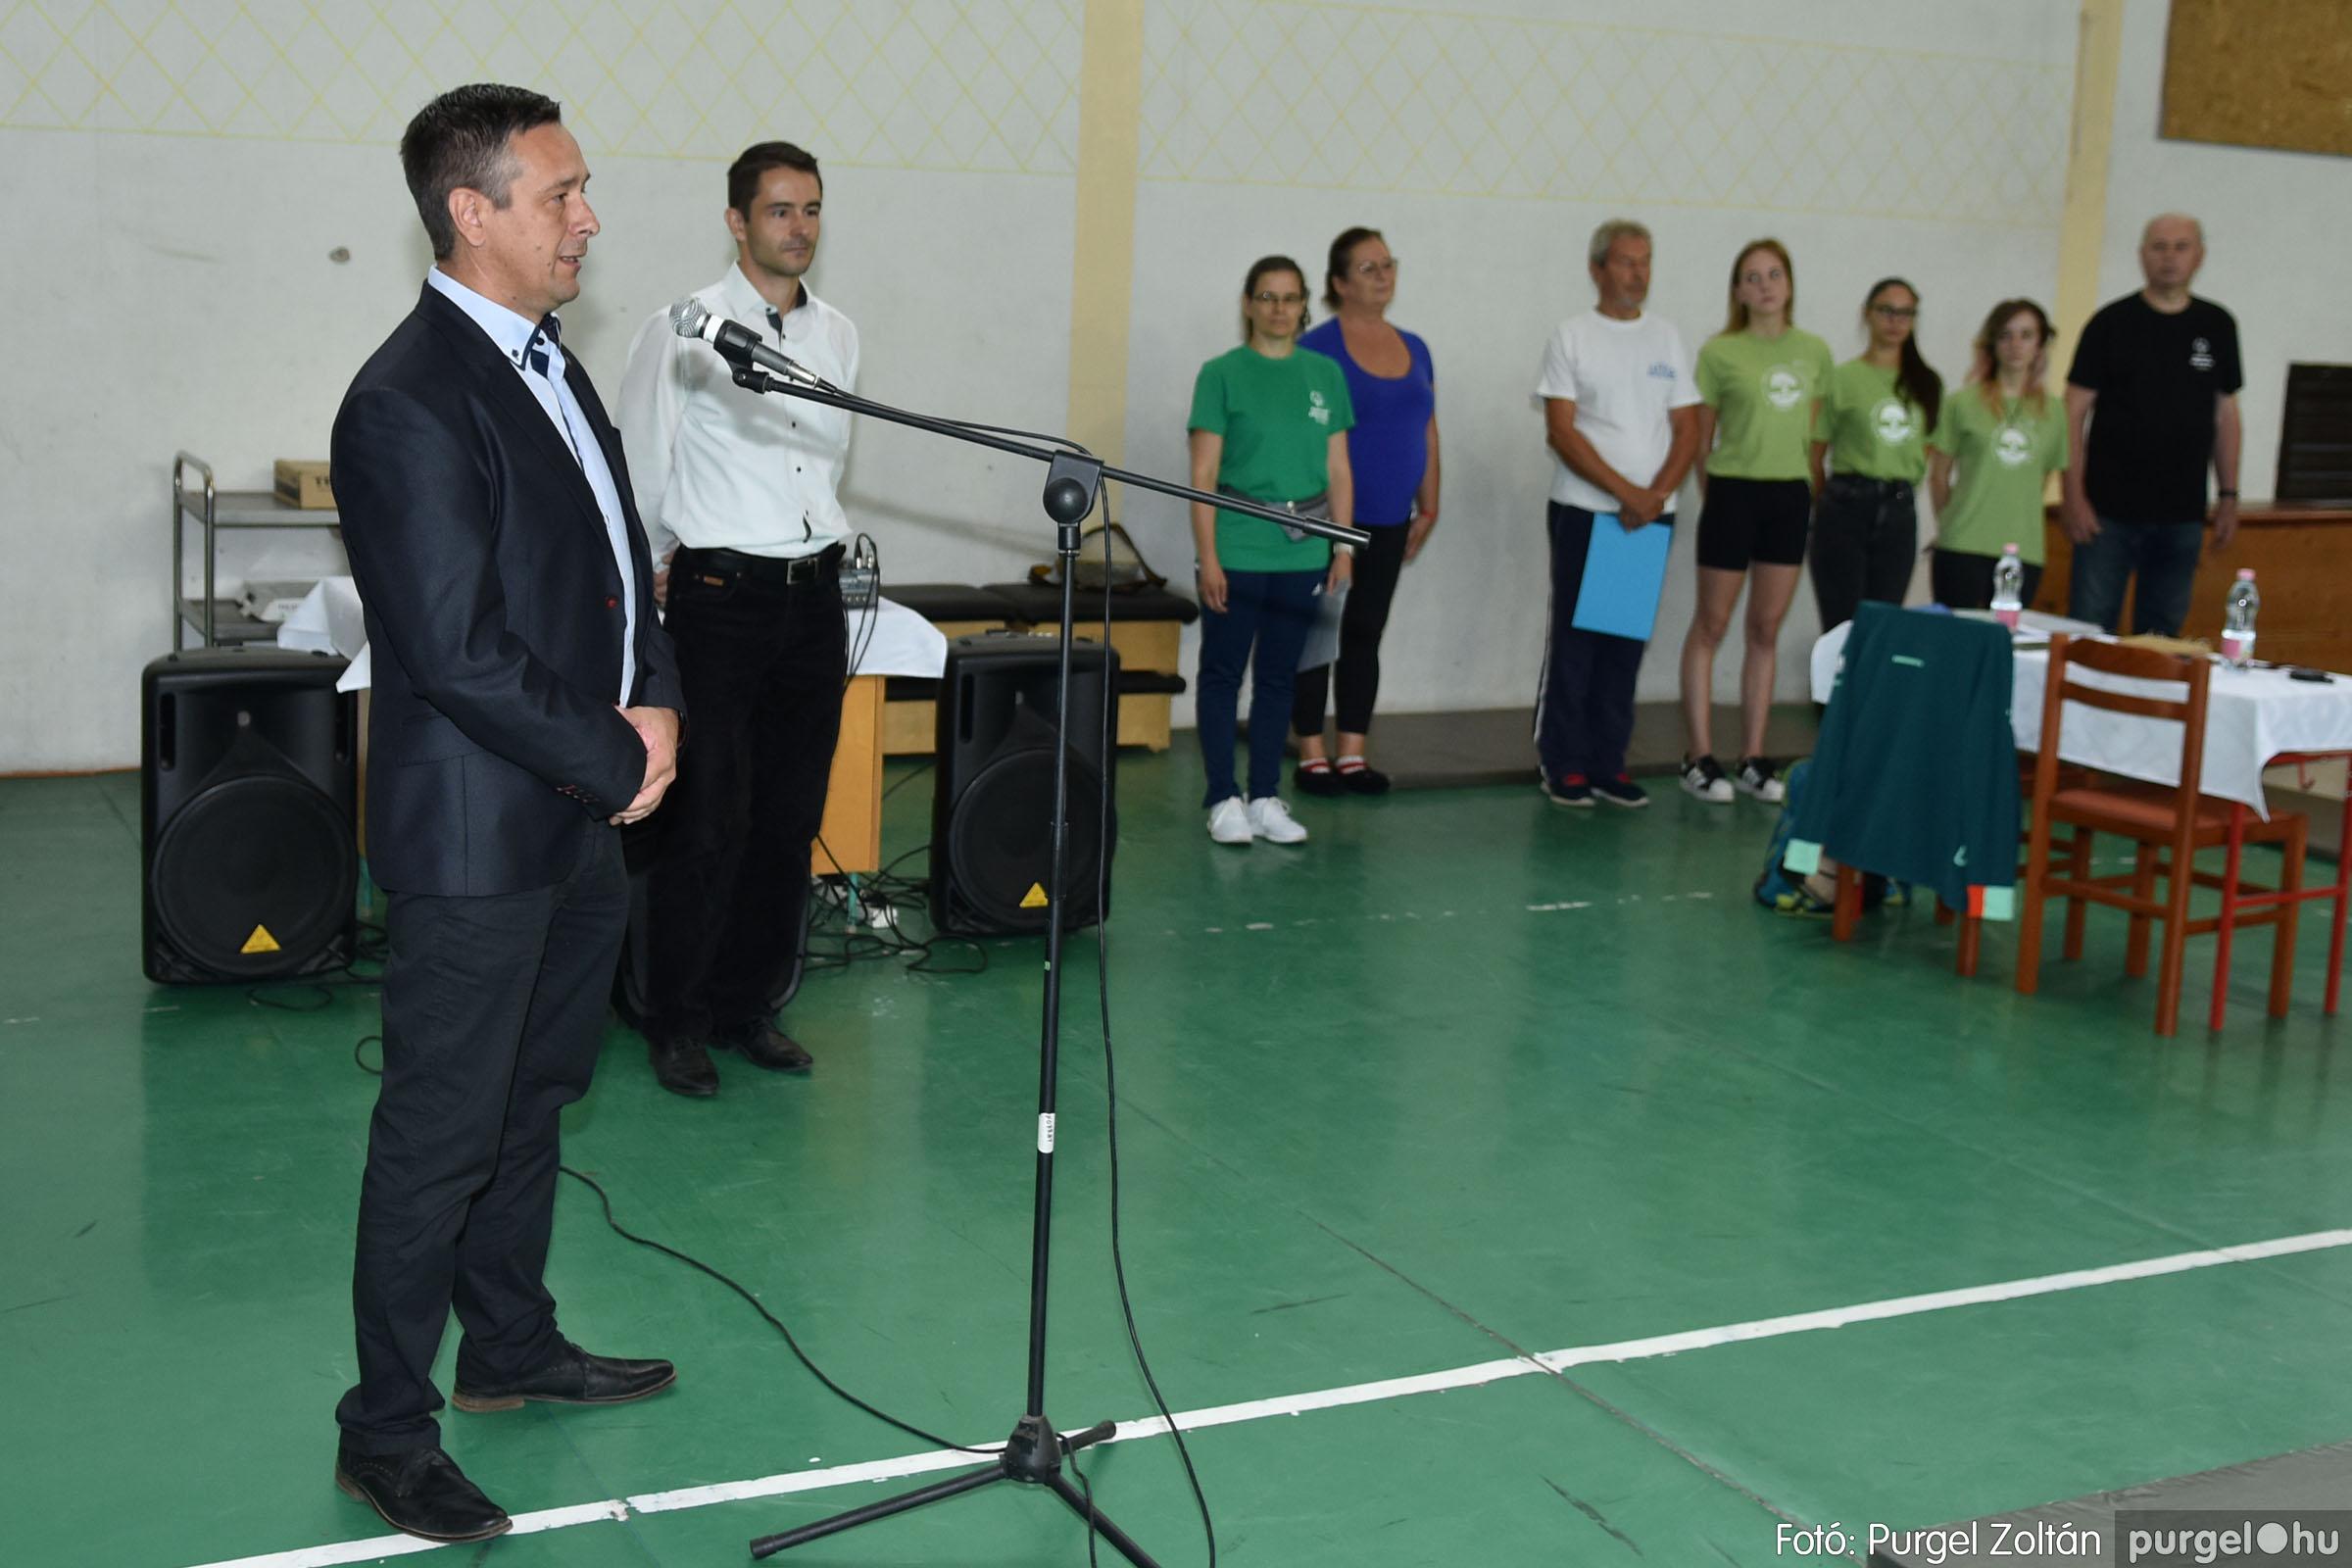 2021.08.27. 013 VII. Speciális Olimpia Nyári Nemzeti Játékok szegvári megnyitója.jpg